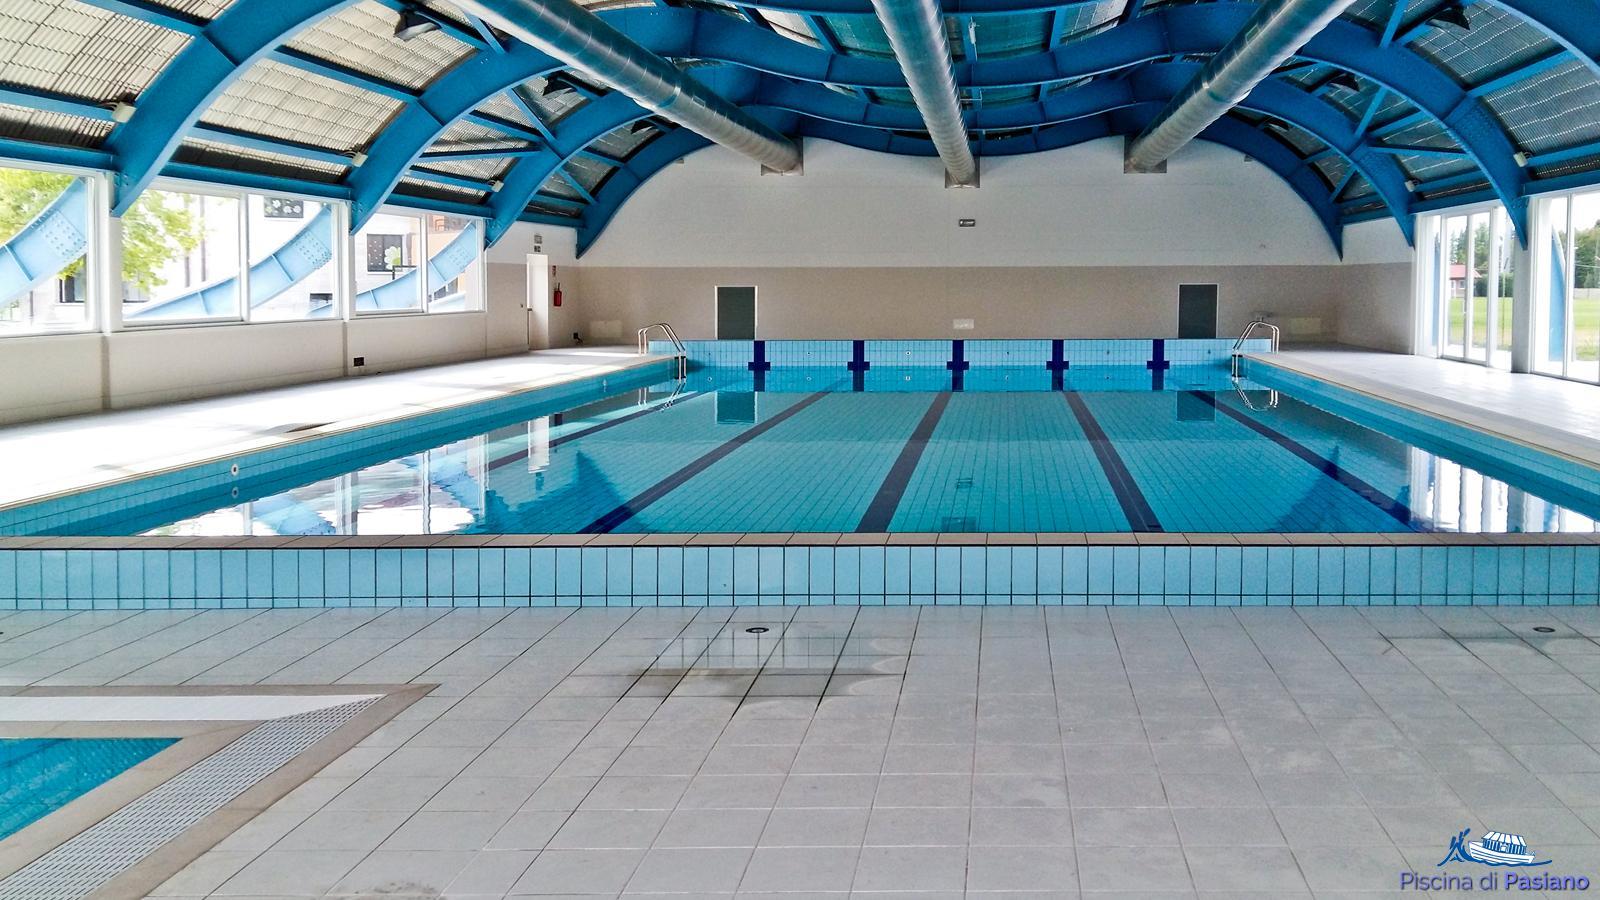 Iniziano le attivit piscina di pasiano - Piscina di maniago ...